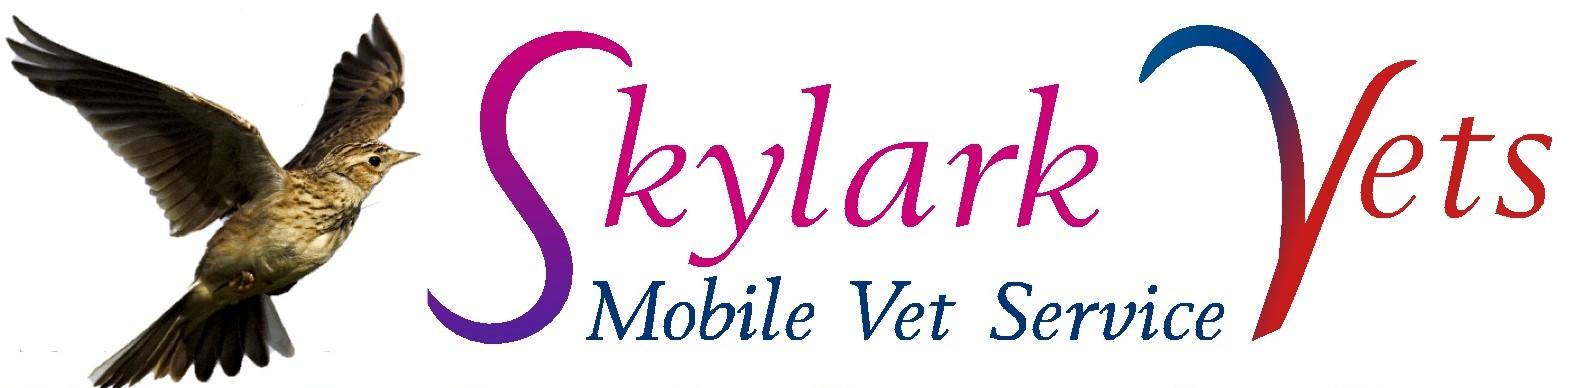 Surgery List for Vets providing Mobile Vet